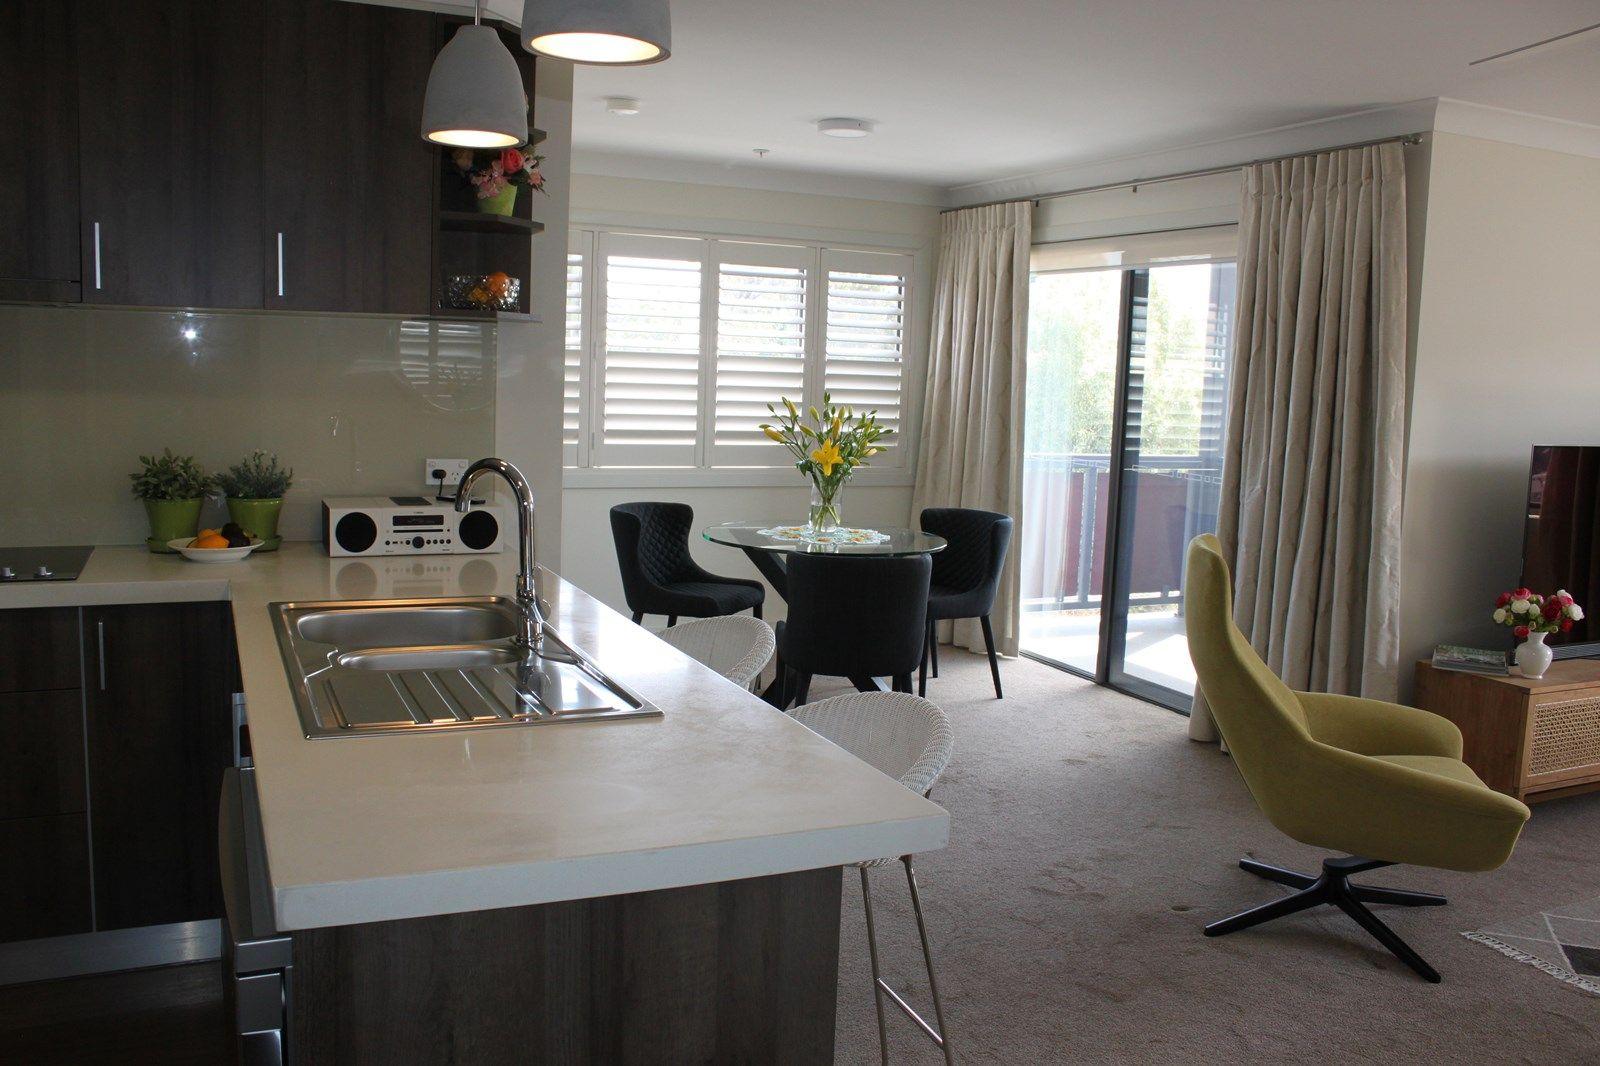 Mittagong NSW 2575, Image 1